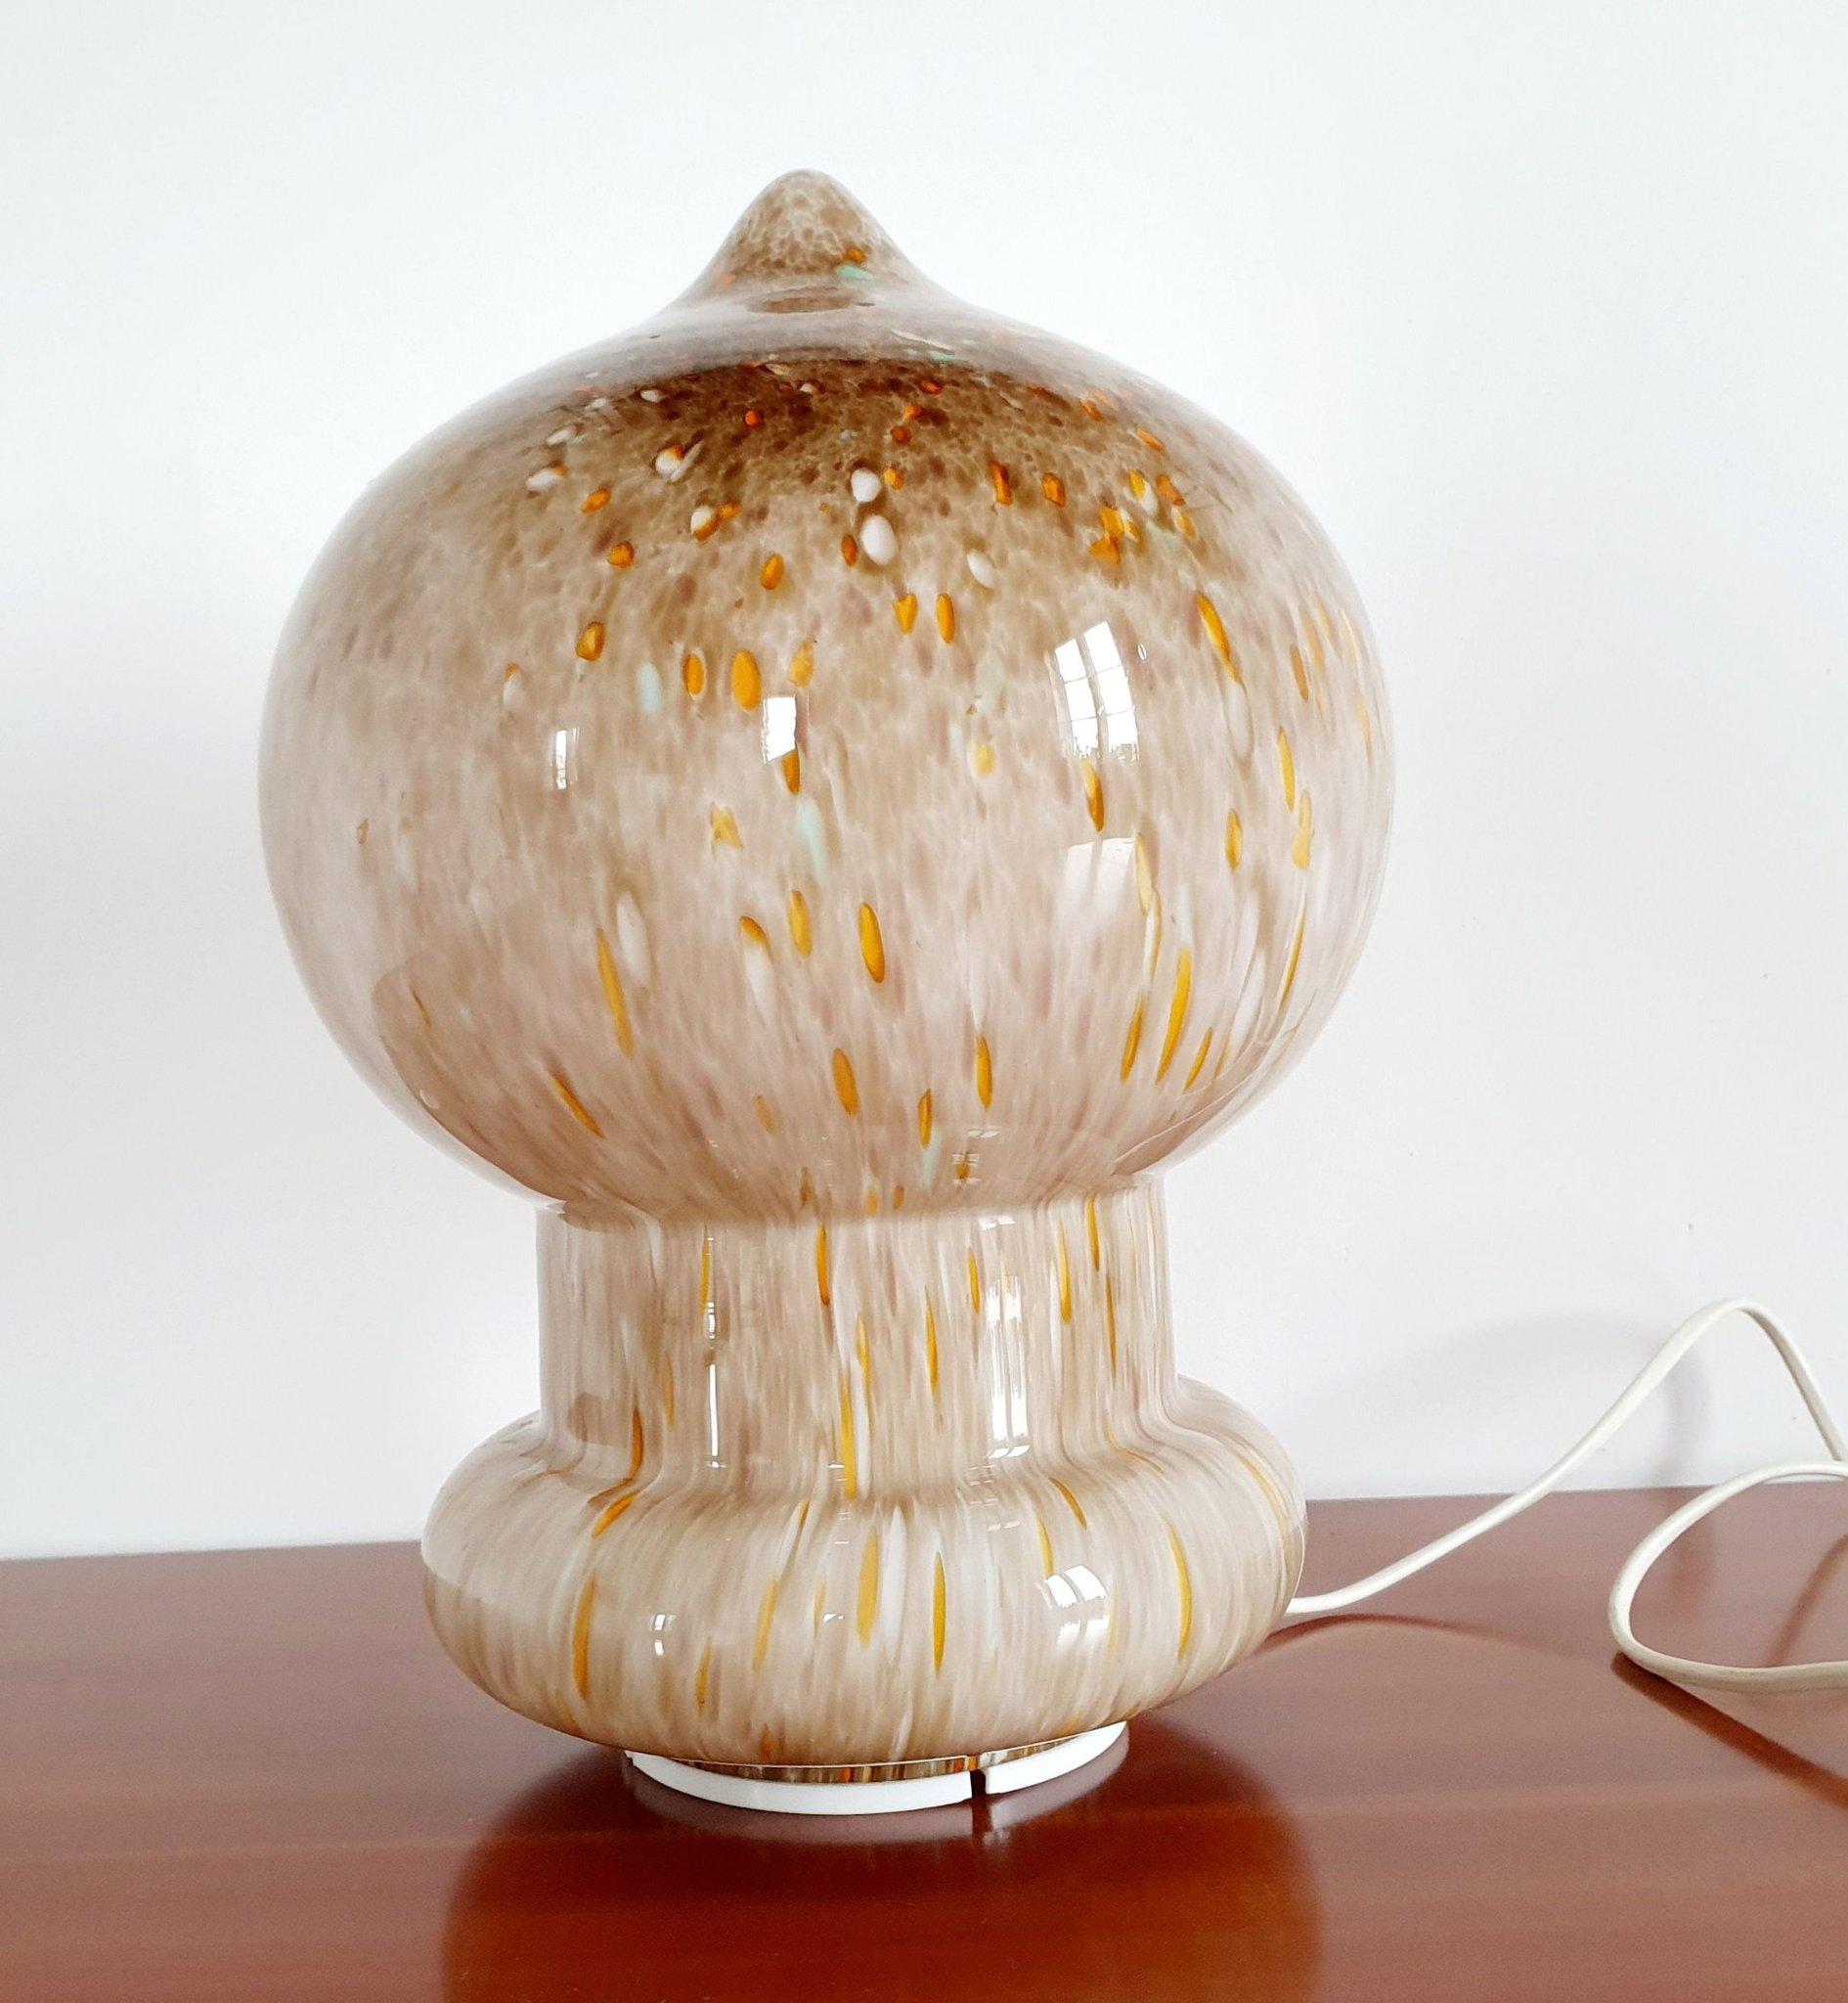 Glas svamplampa bord fönster lampa